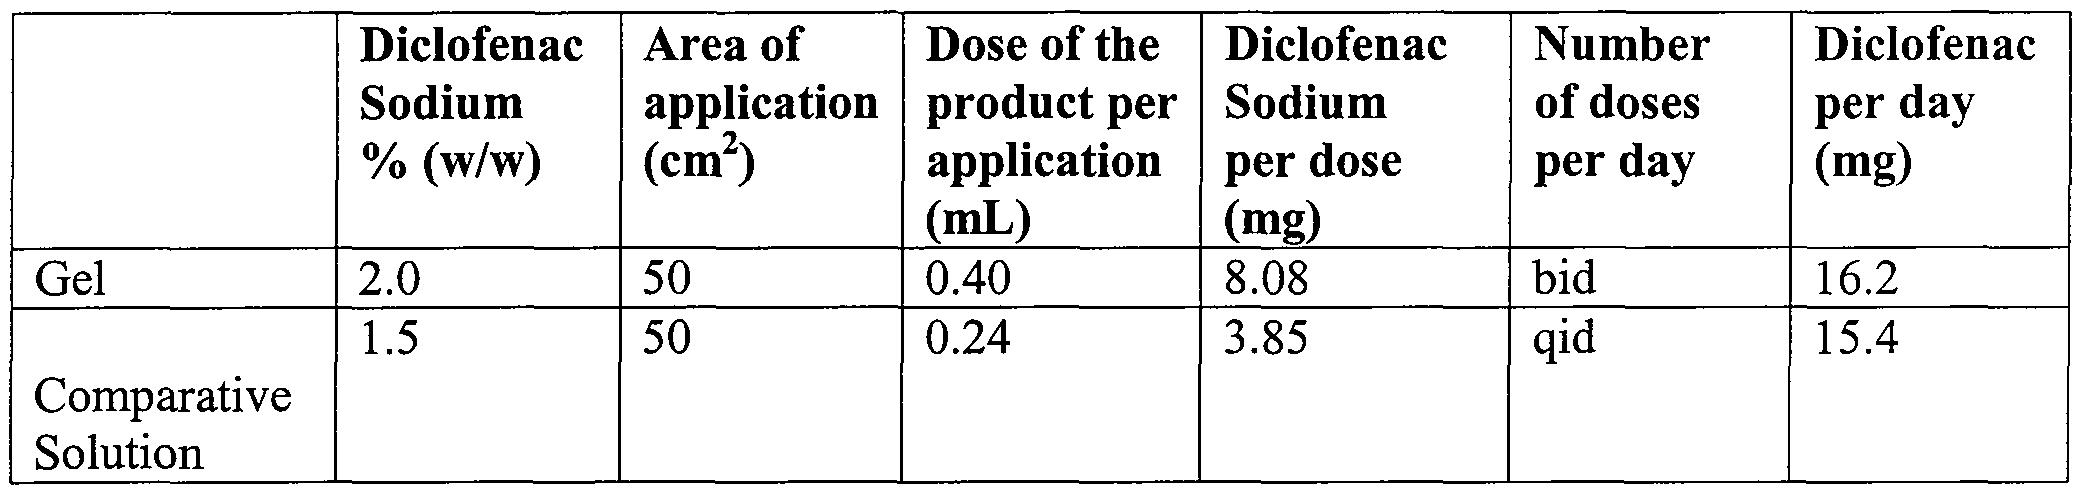 ciprofloxacin 500 mg tablets cost